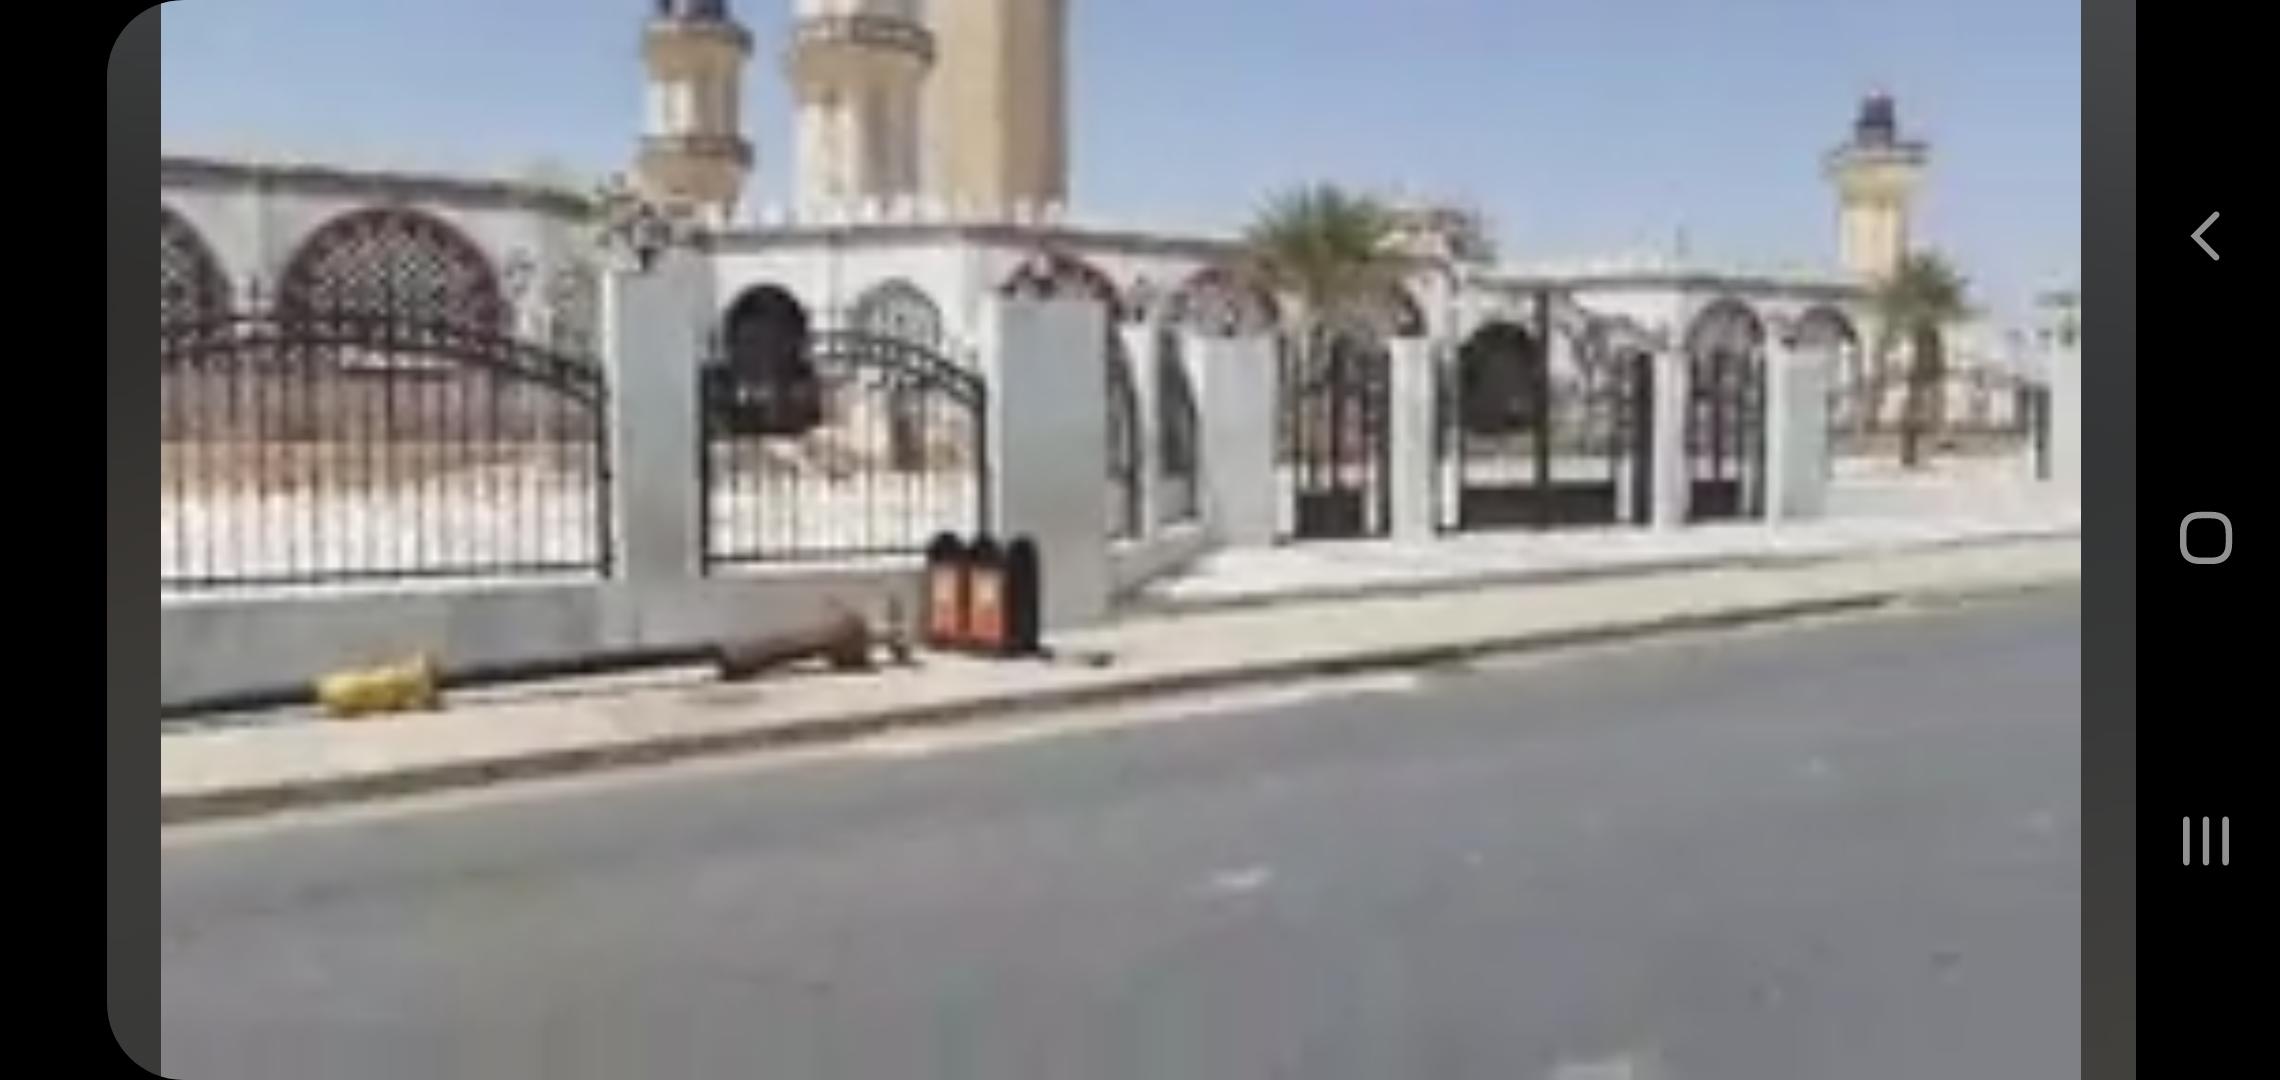 (COVID19) Situation exceptionnelle à Touba/ La grande mosquée vide comme jamais... Ndigël du Khalife respecté !